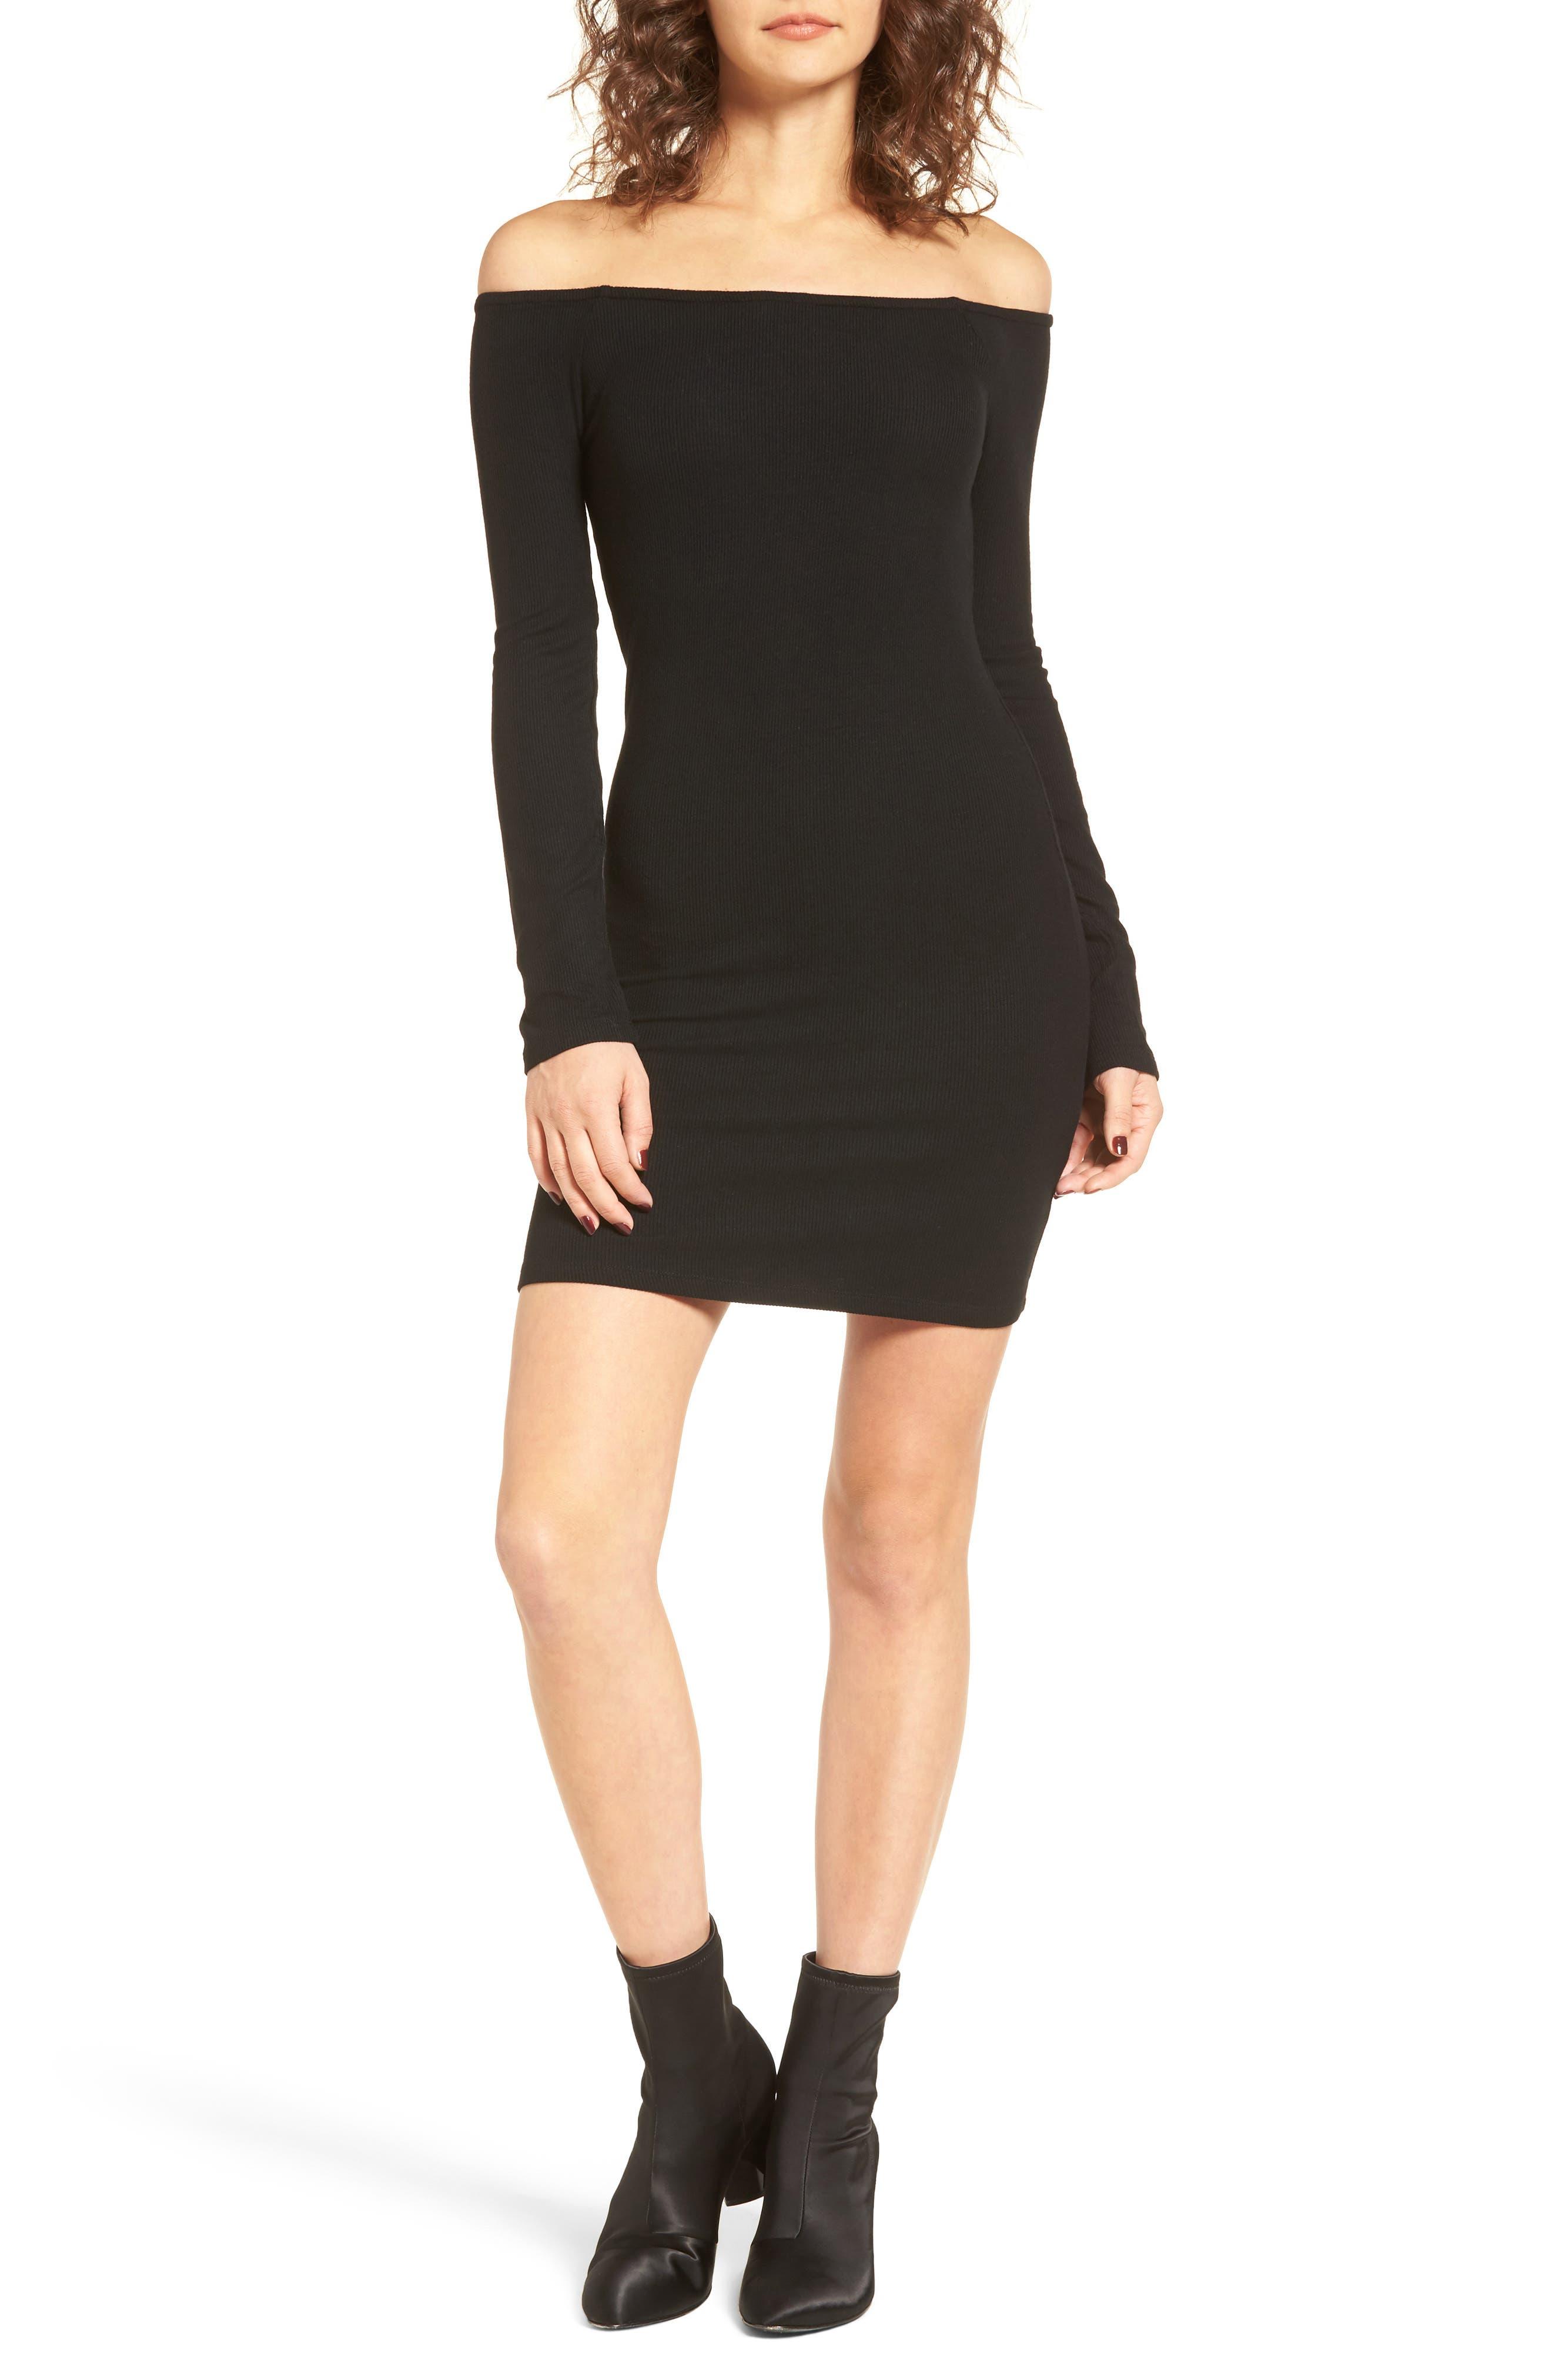 Milo Off the Shoulder Dress,                         Main,                         color, Black